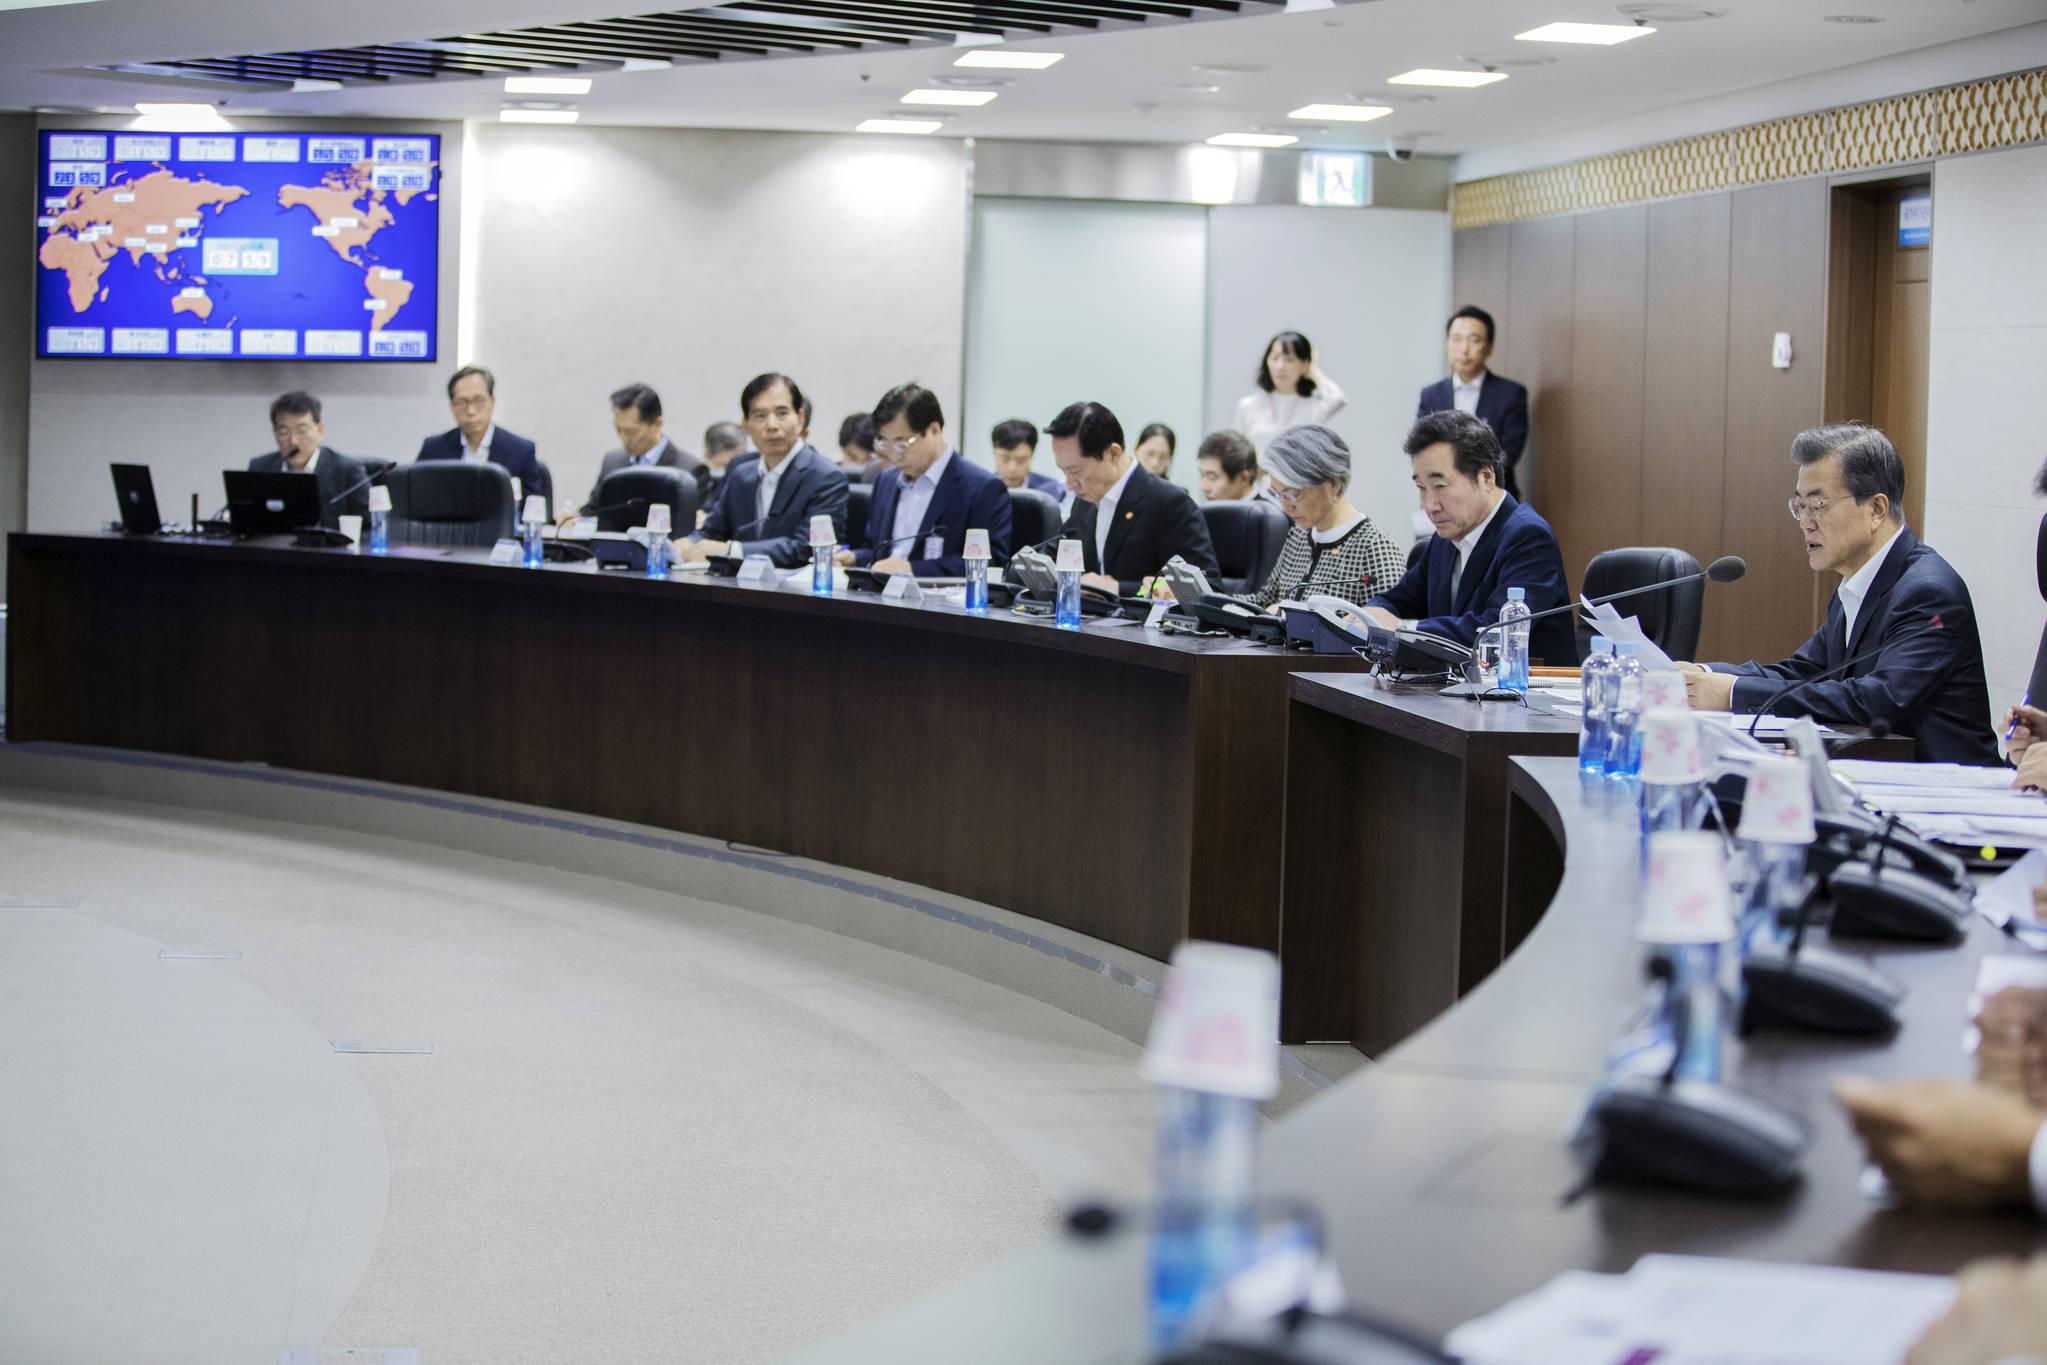 9월 15일 오전 문재인 대통령이 청와대 국가위기관리센터에서 북한 미사일 도발과 관련해 국가안전보장회의(NSC) 전체회의를 주재하고 있다. [사진 청와대]